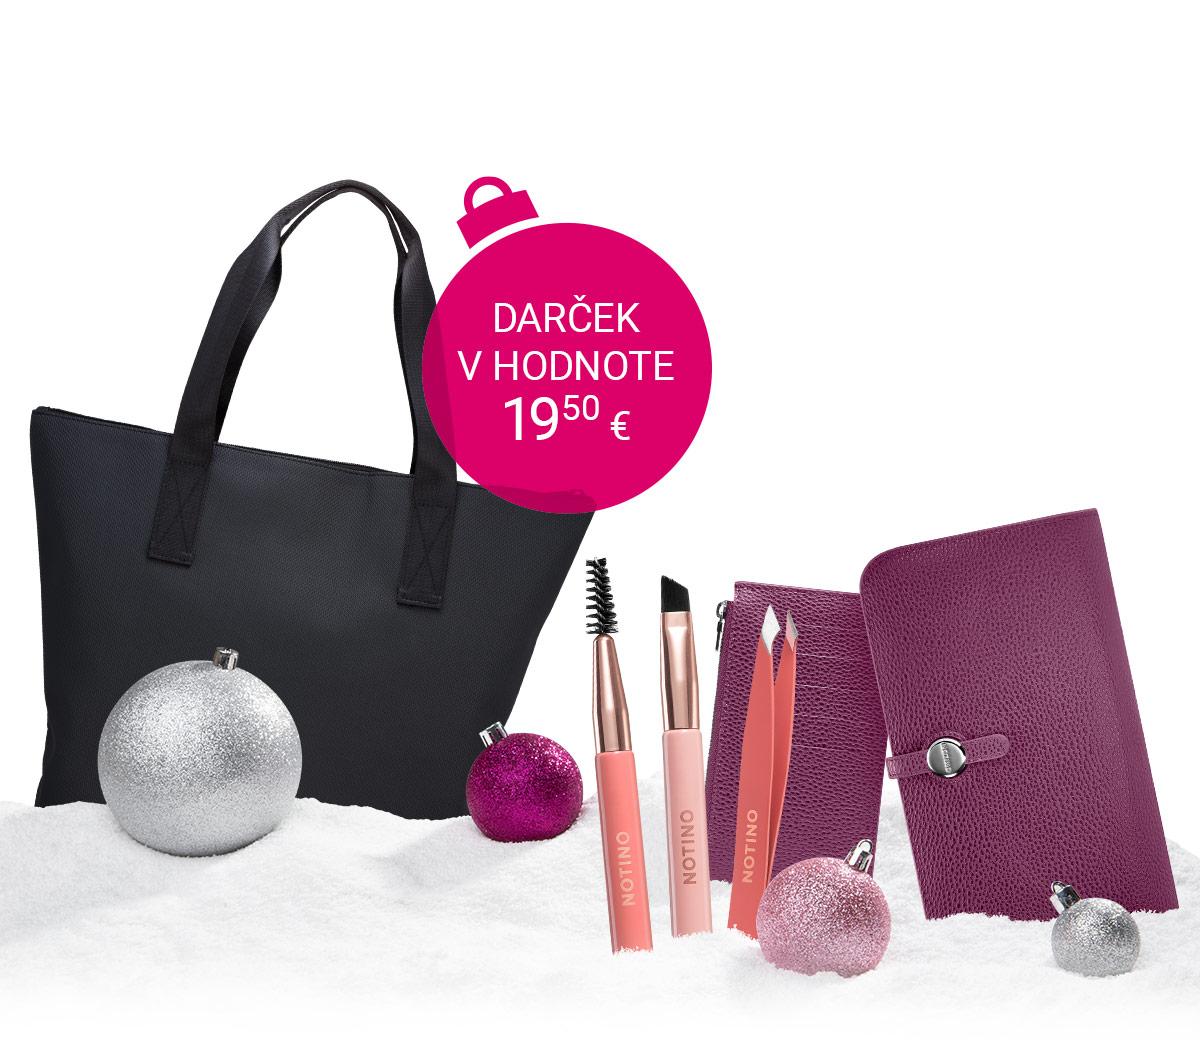 Praktická taška zadarmo k nákupu Notino produktov nad 30 €.